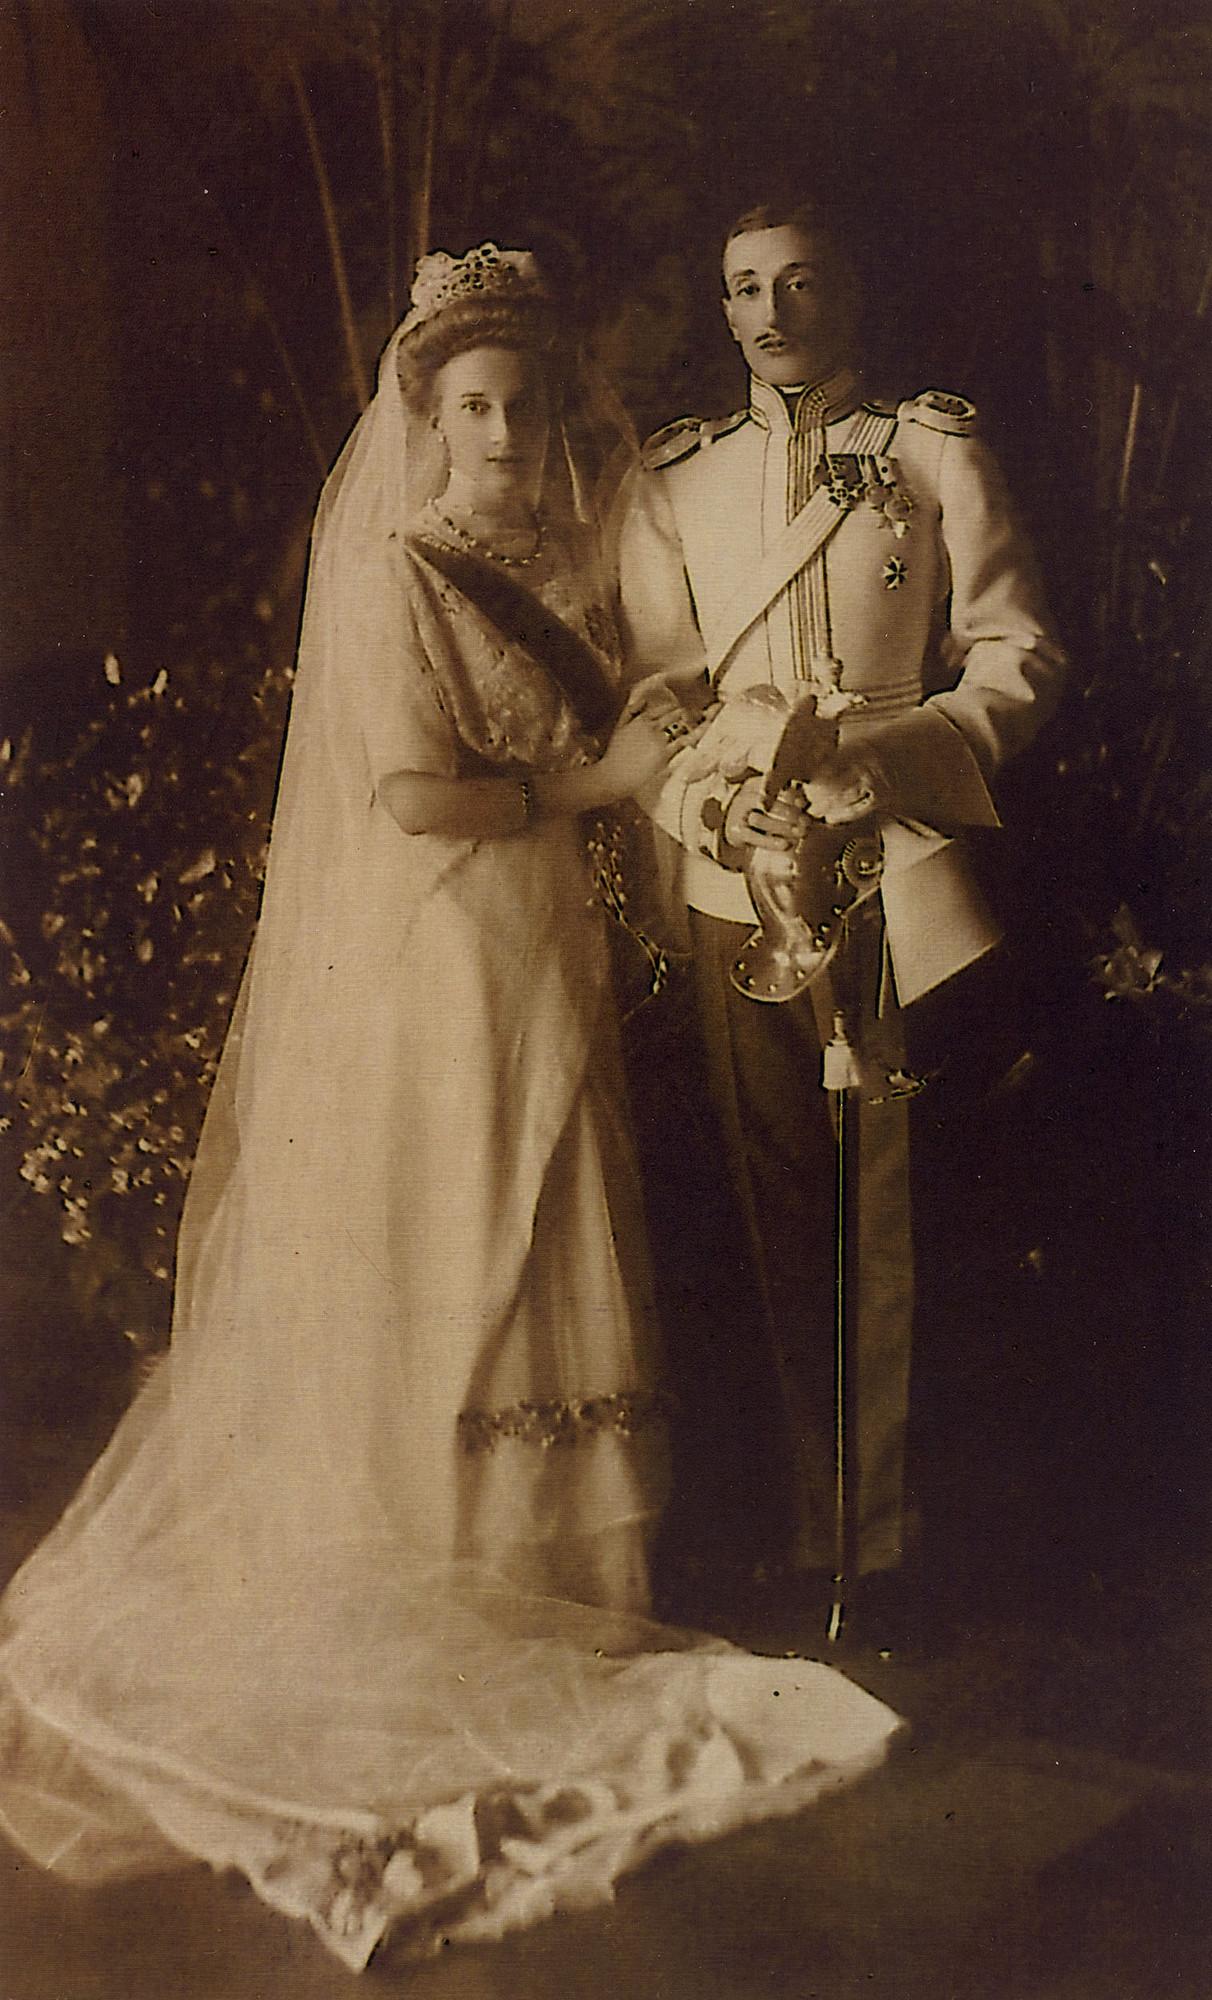 Una foto de la boda del príncipe georgiano Konstantino Bagration de Mukhrani y la princesa Tatiana Constantinovna